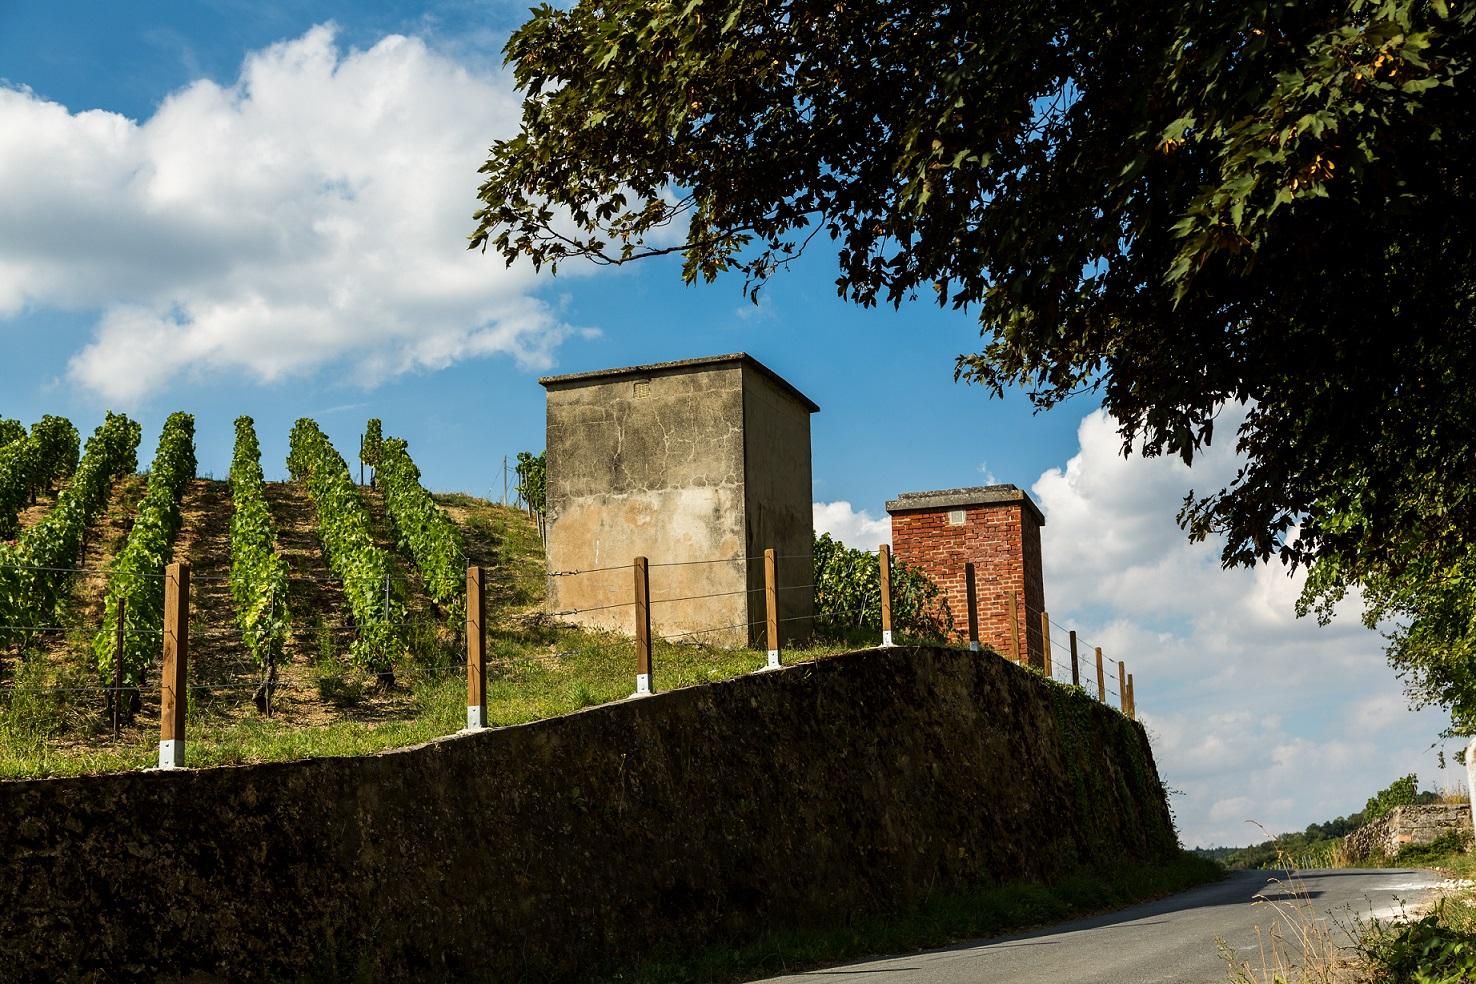 Entretien des espaces verts, aménagement de parcs et jardins pour les coopératives vinicoles, maisons de champagne et viticulteurs